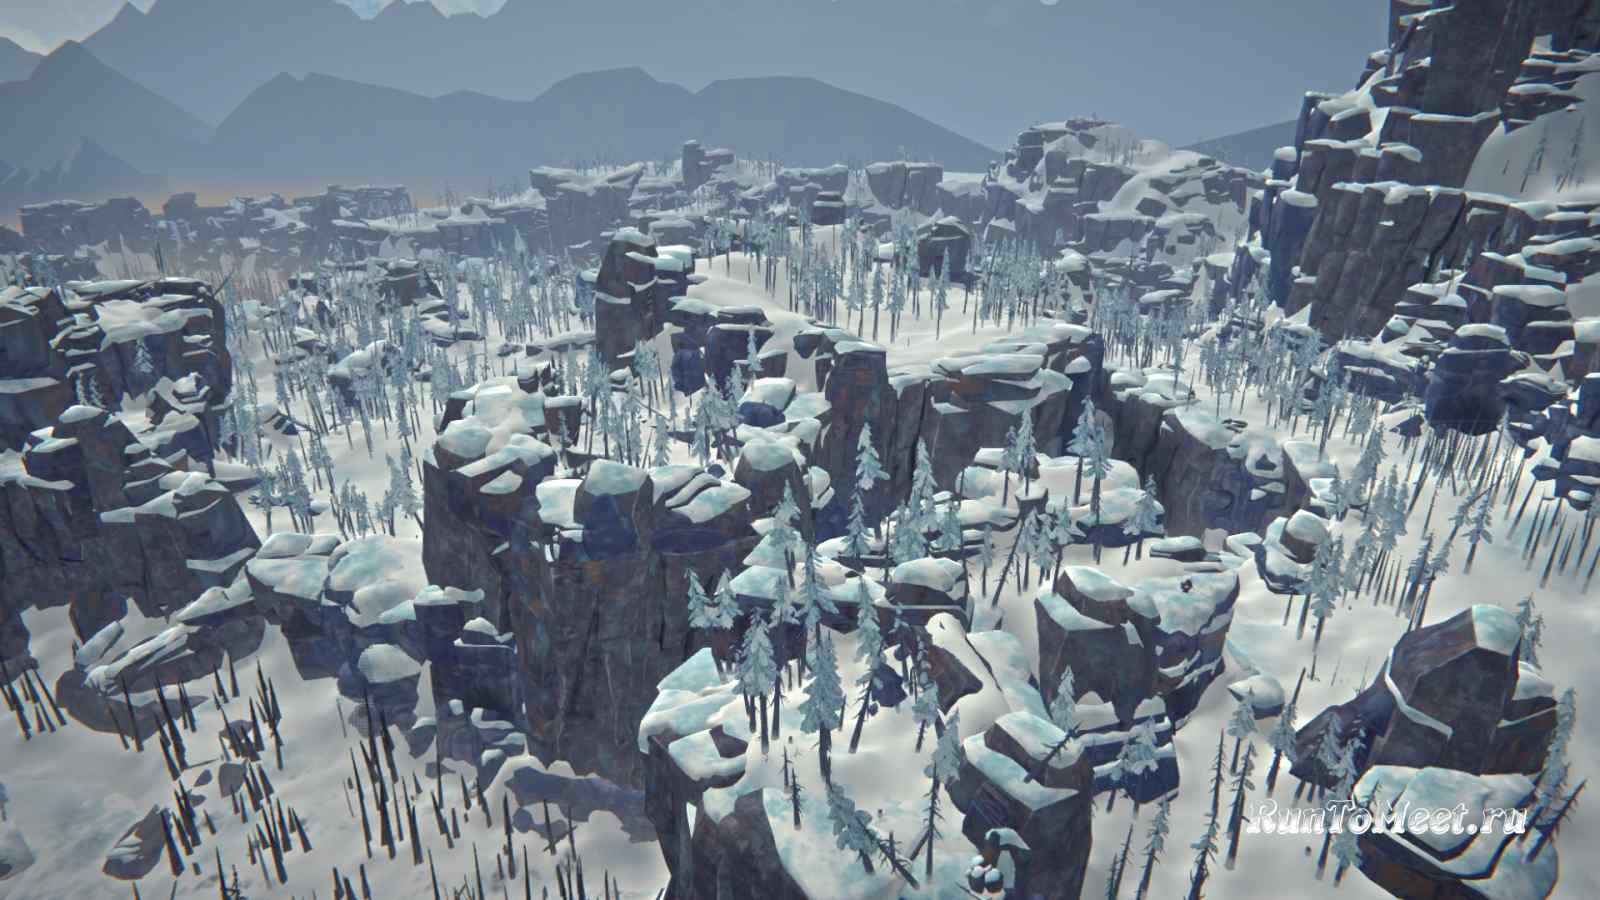 Панорама с вида на Волчью пасть в Пепельном каньоне игры The long dark